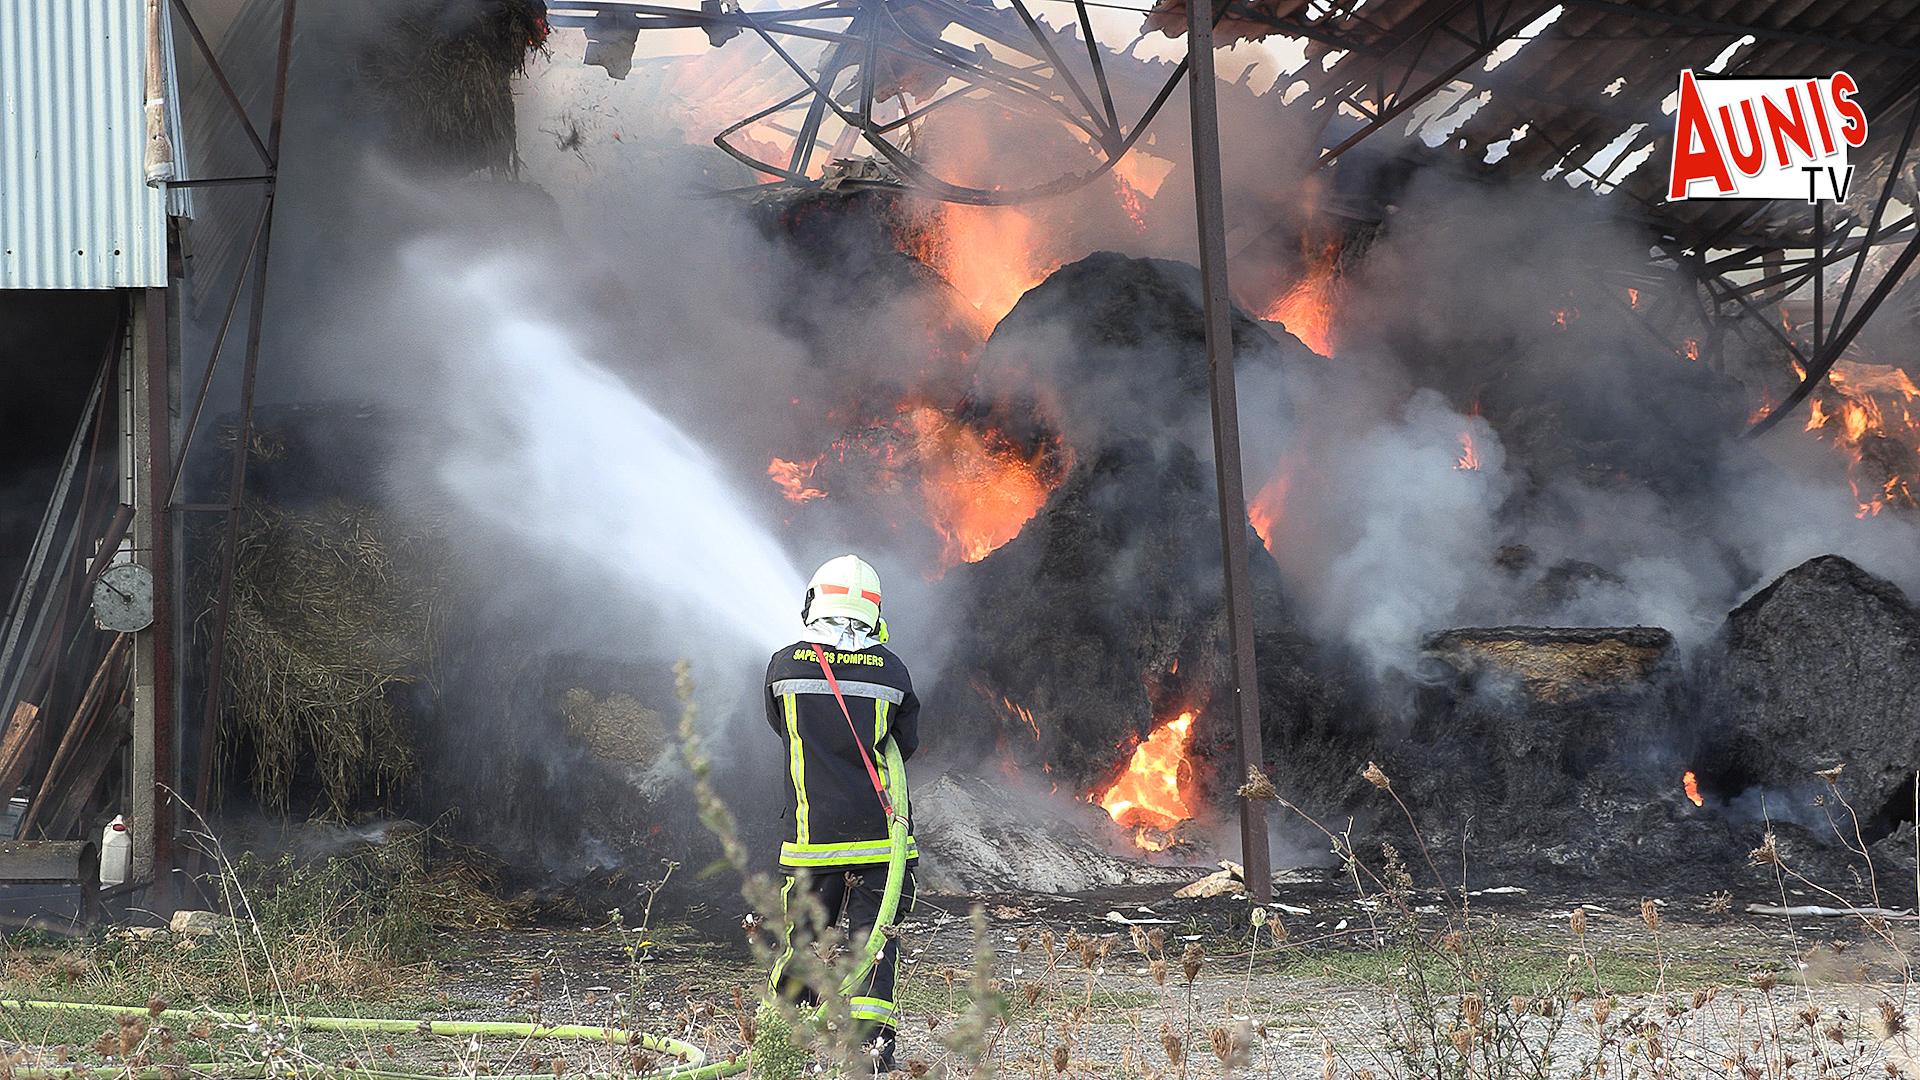 incendie St Sauveur d' Aunis foin hangar feu sapeurs pompiers